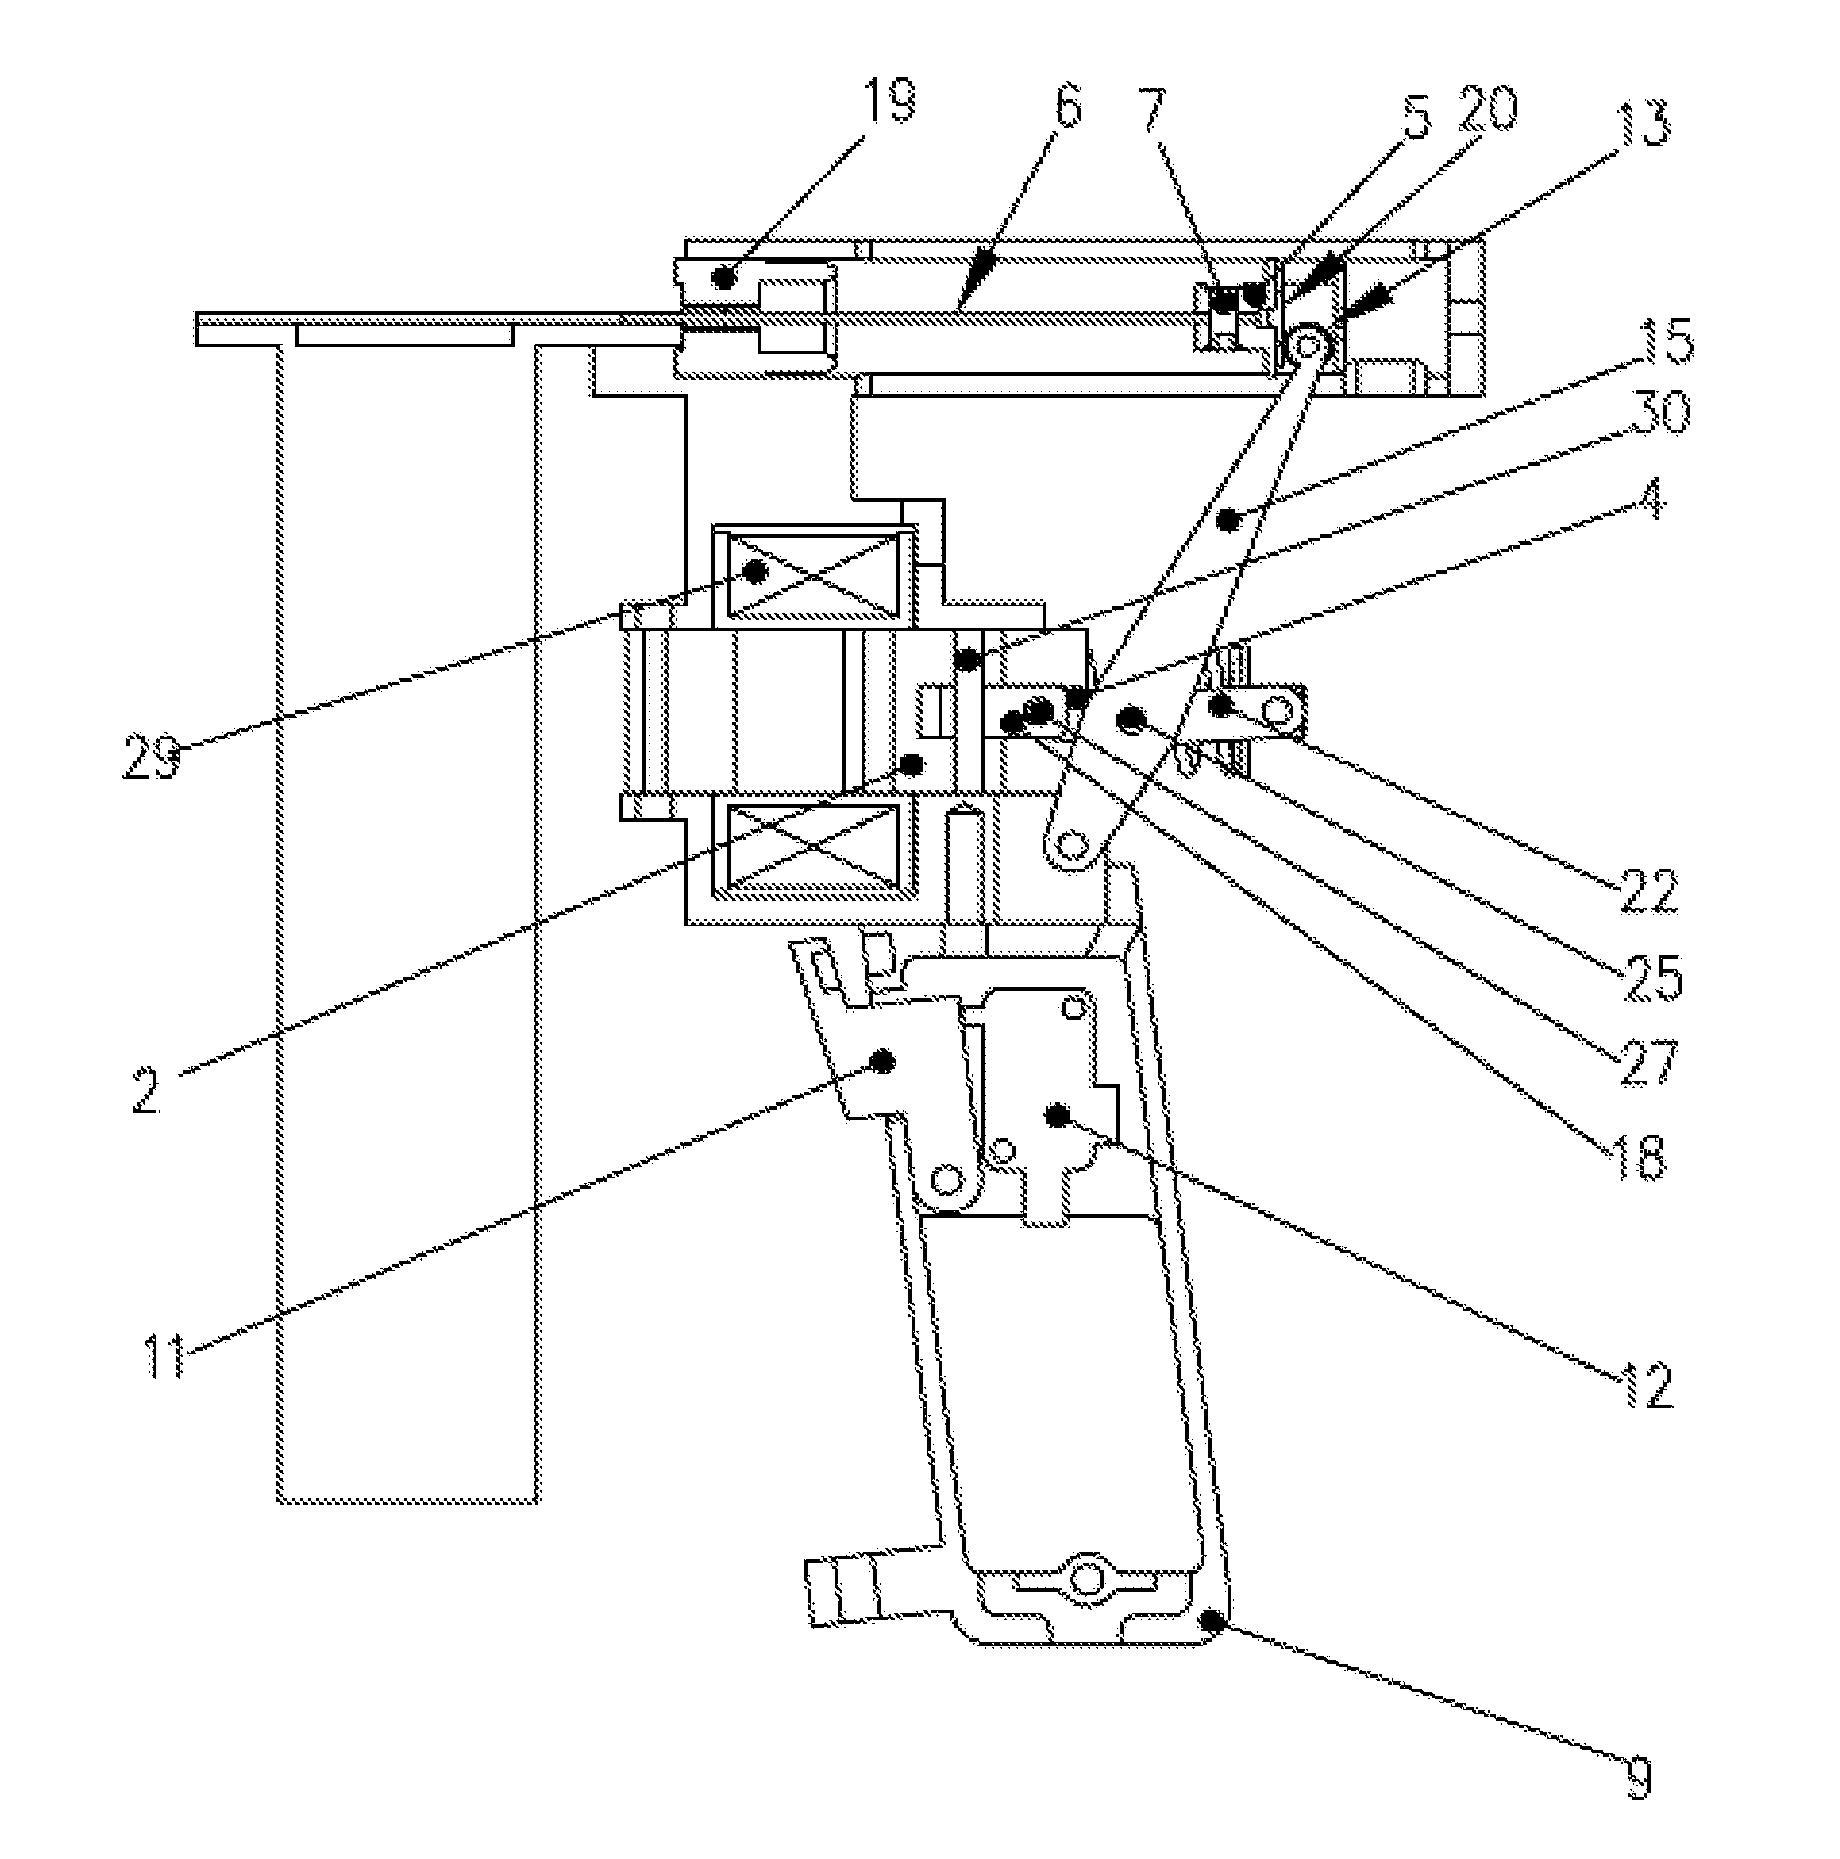 Nail Gun Schematic Diagram on